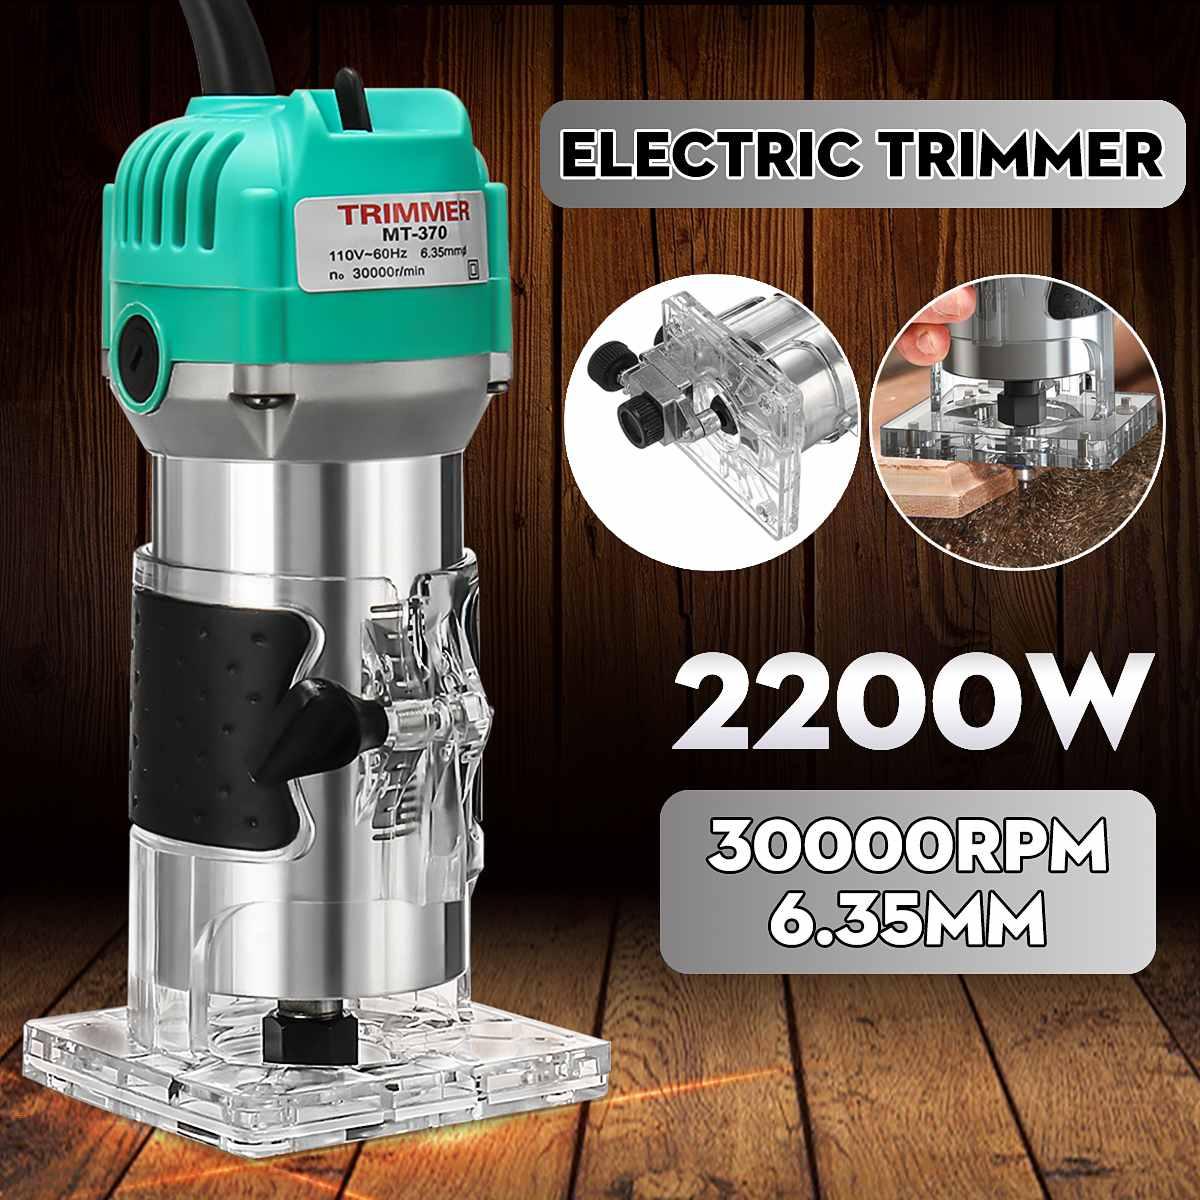 2200W Holzbearbeitung Elektrische Trimmer 1/4 Zoll Holz Fräsen Gravur Stoßen Trimmen Maschine Hand Carving Maschine Holz Router set